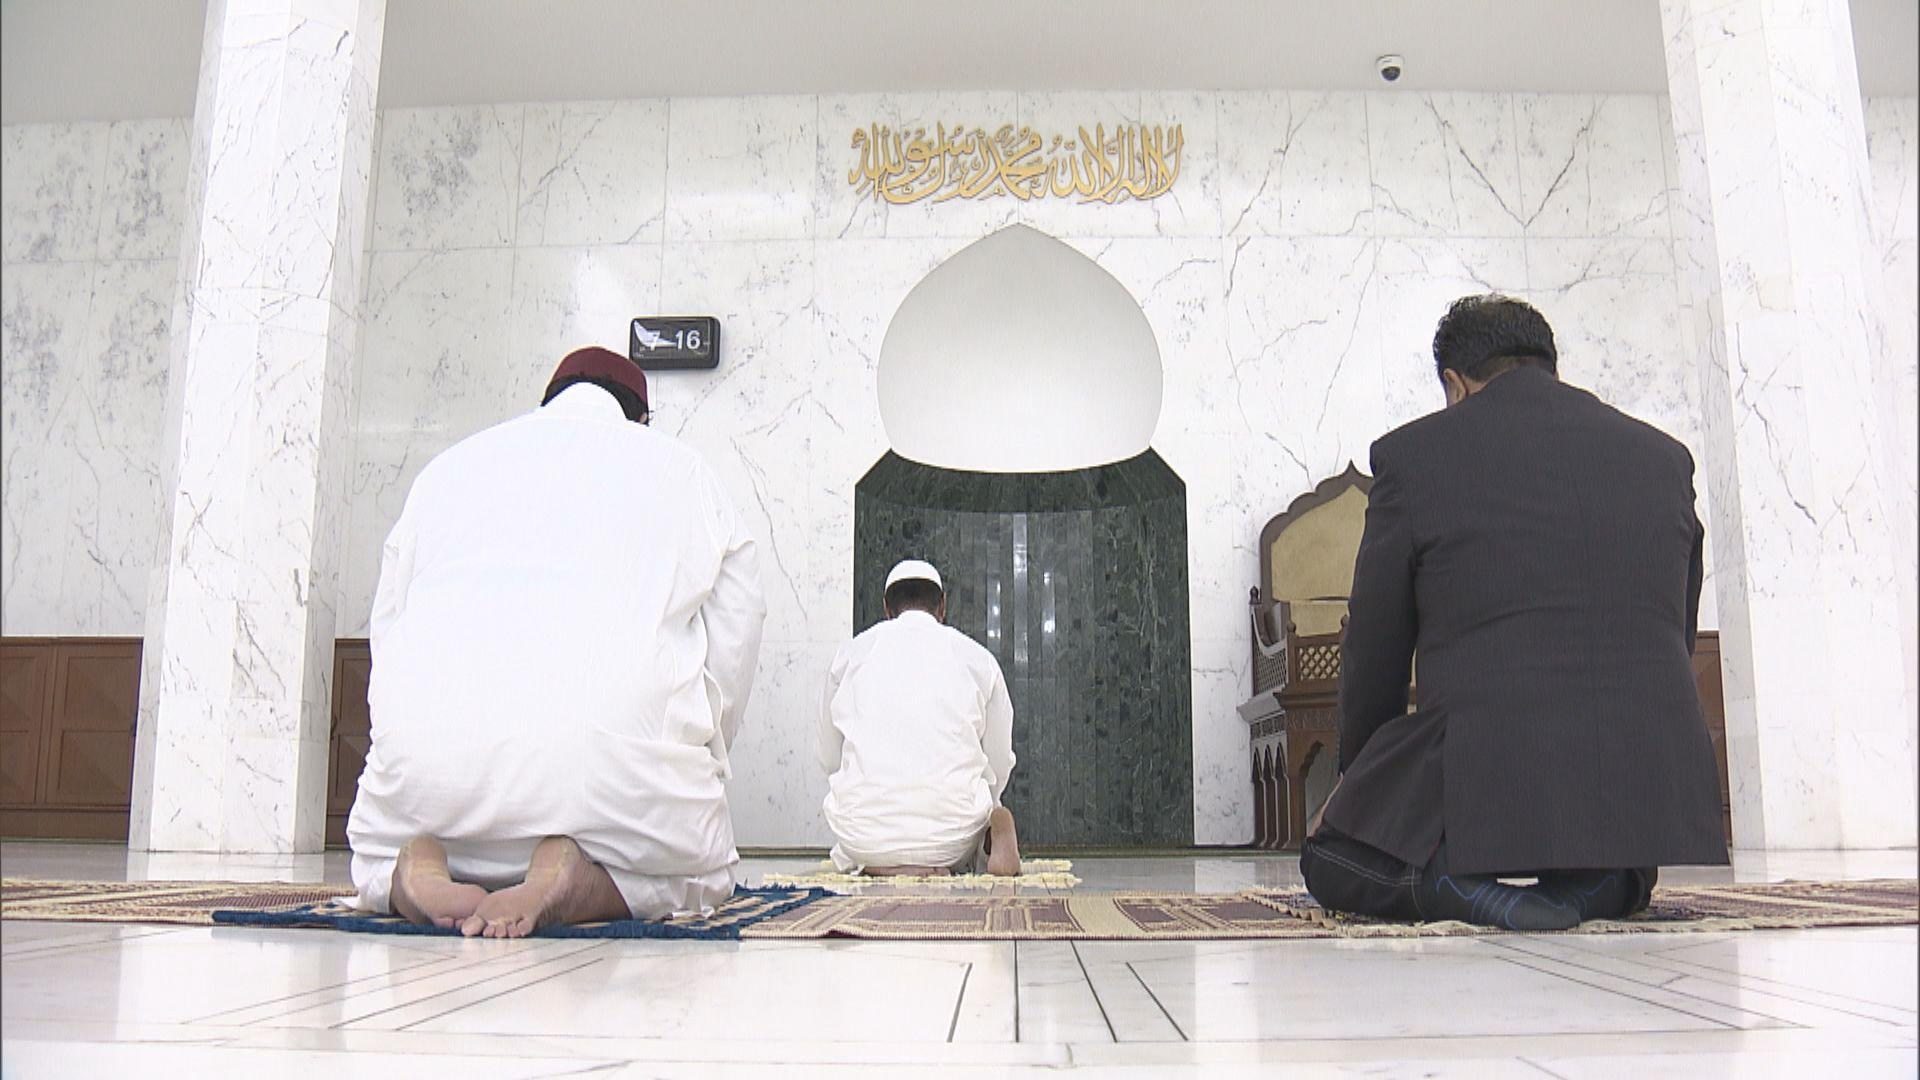 清真寺因應疫情關閉 影響穆斯林度過齋戒月